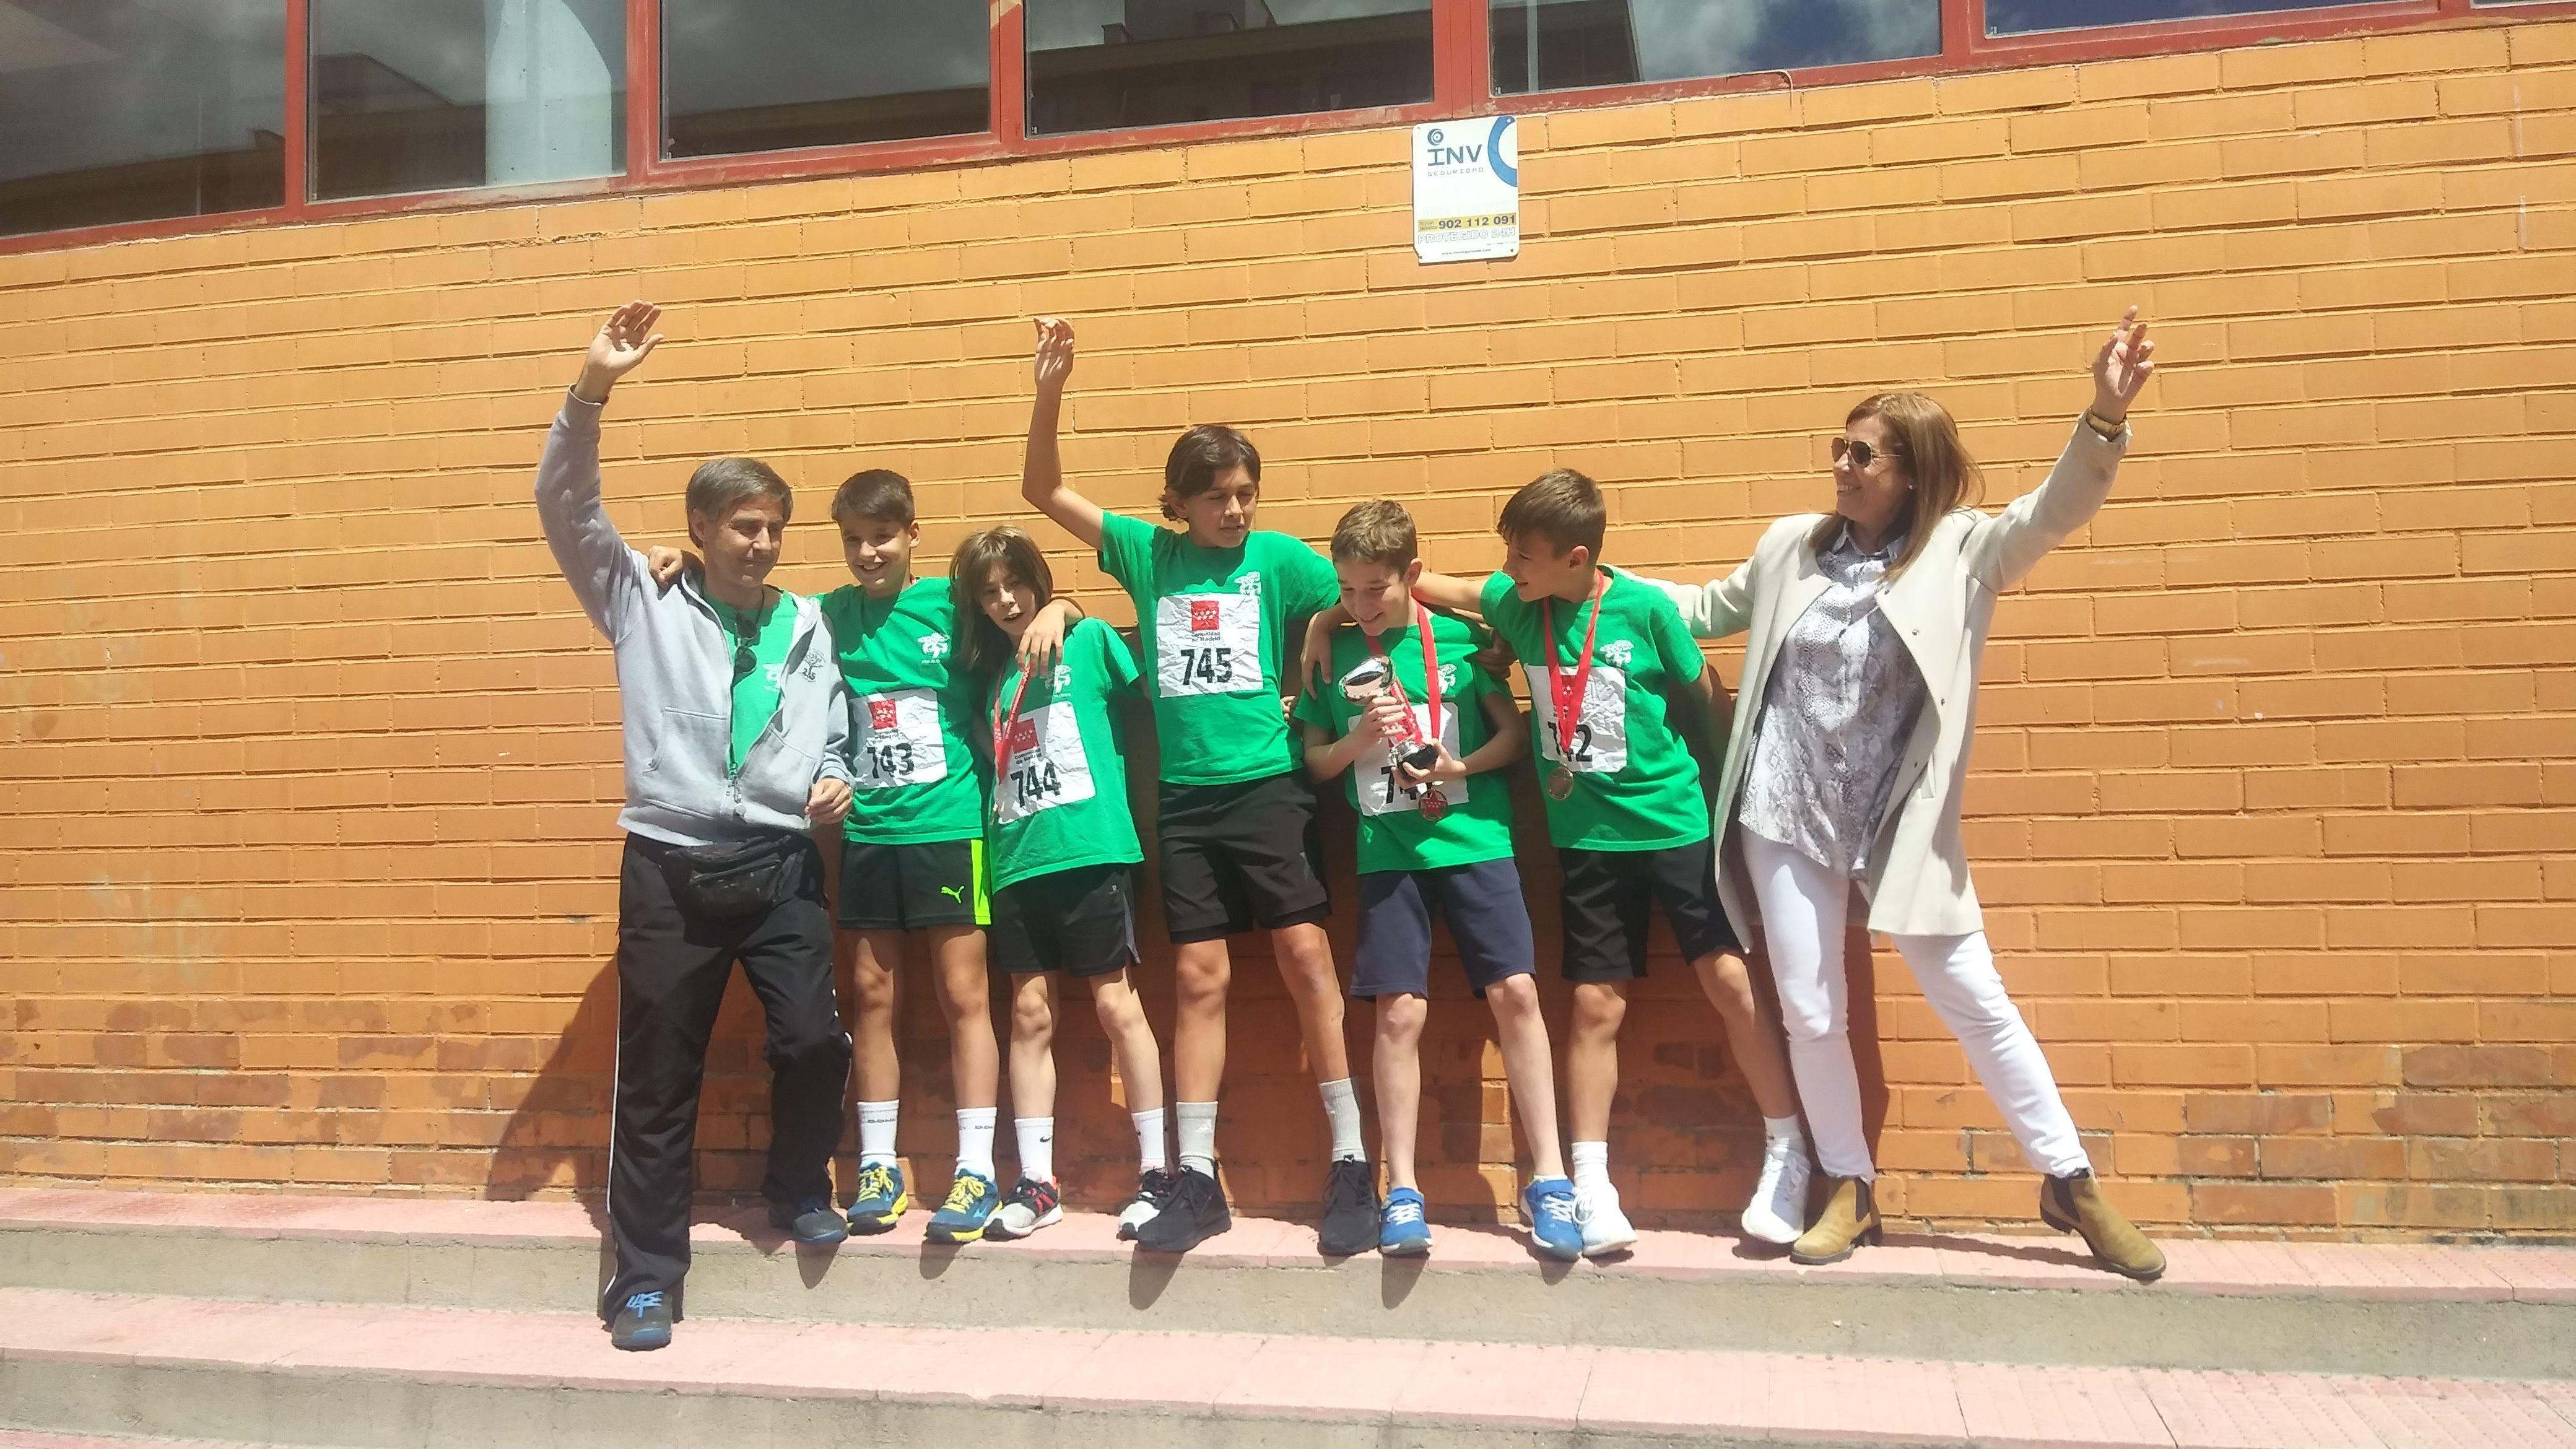 Campeonato de atletismo 2